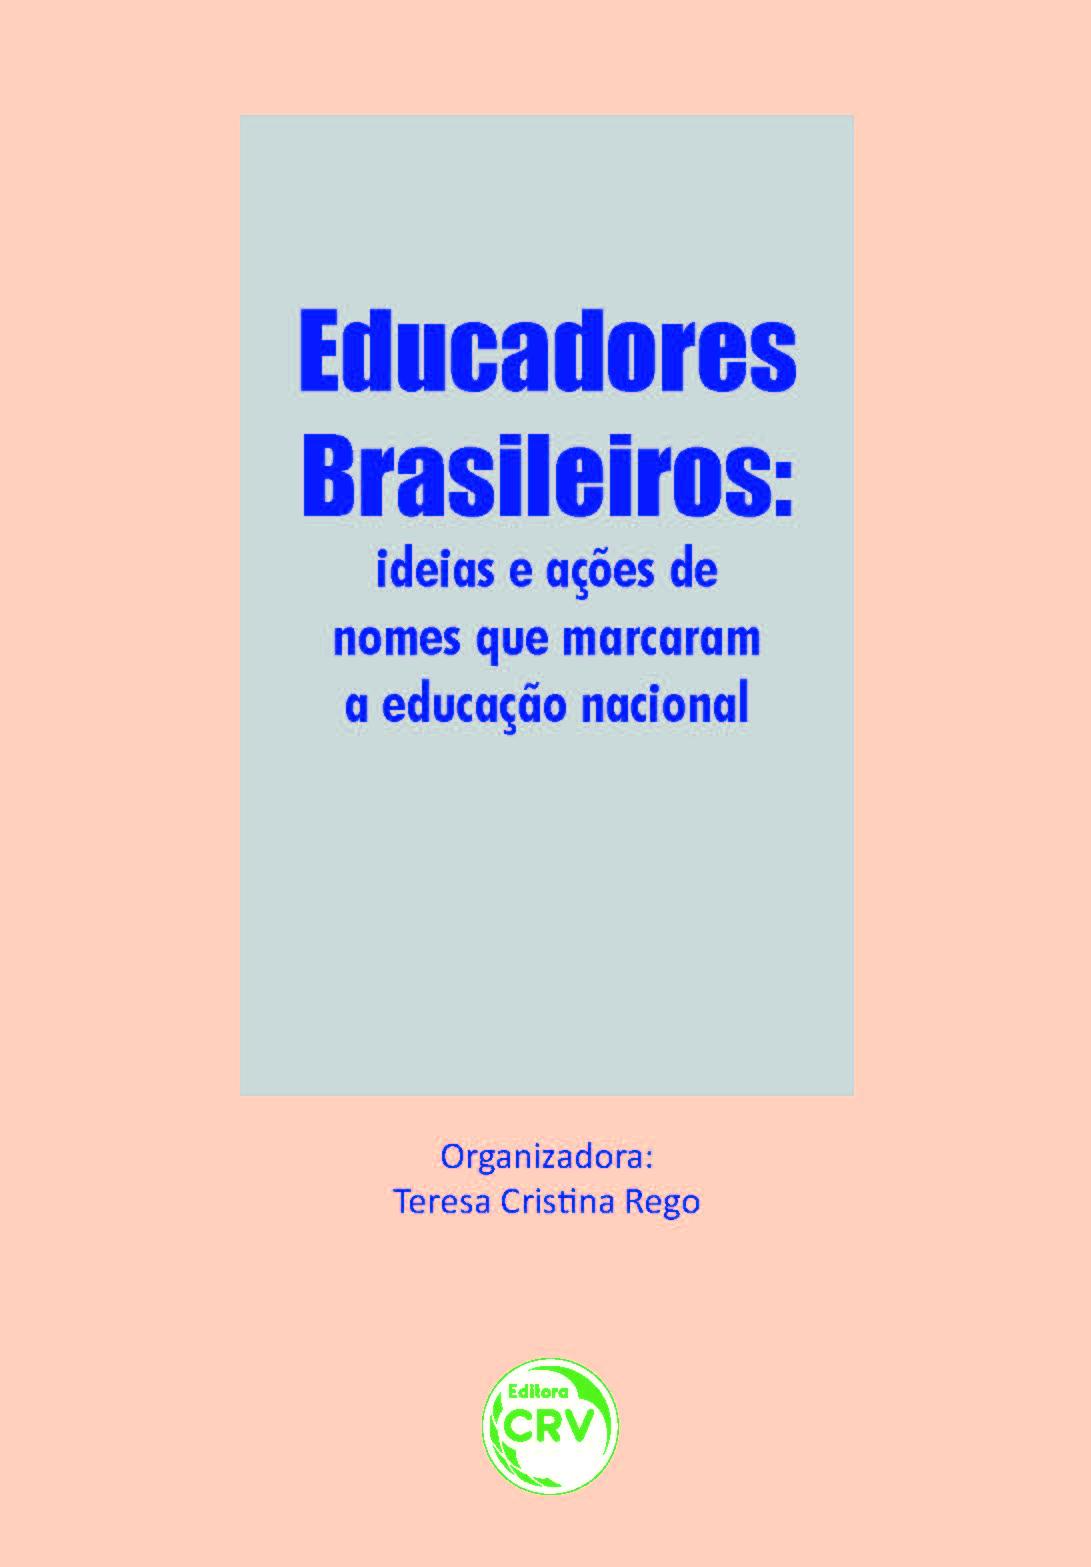 Capa do livro: EDUCADORES BRASILEIROS:<br>ideias e ações de nomes que marcaram a educação nacional